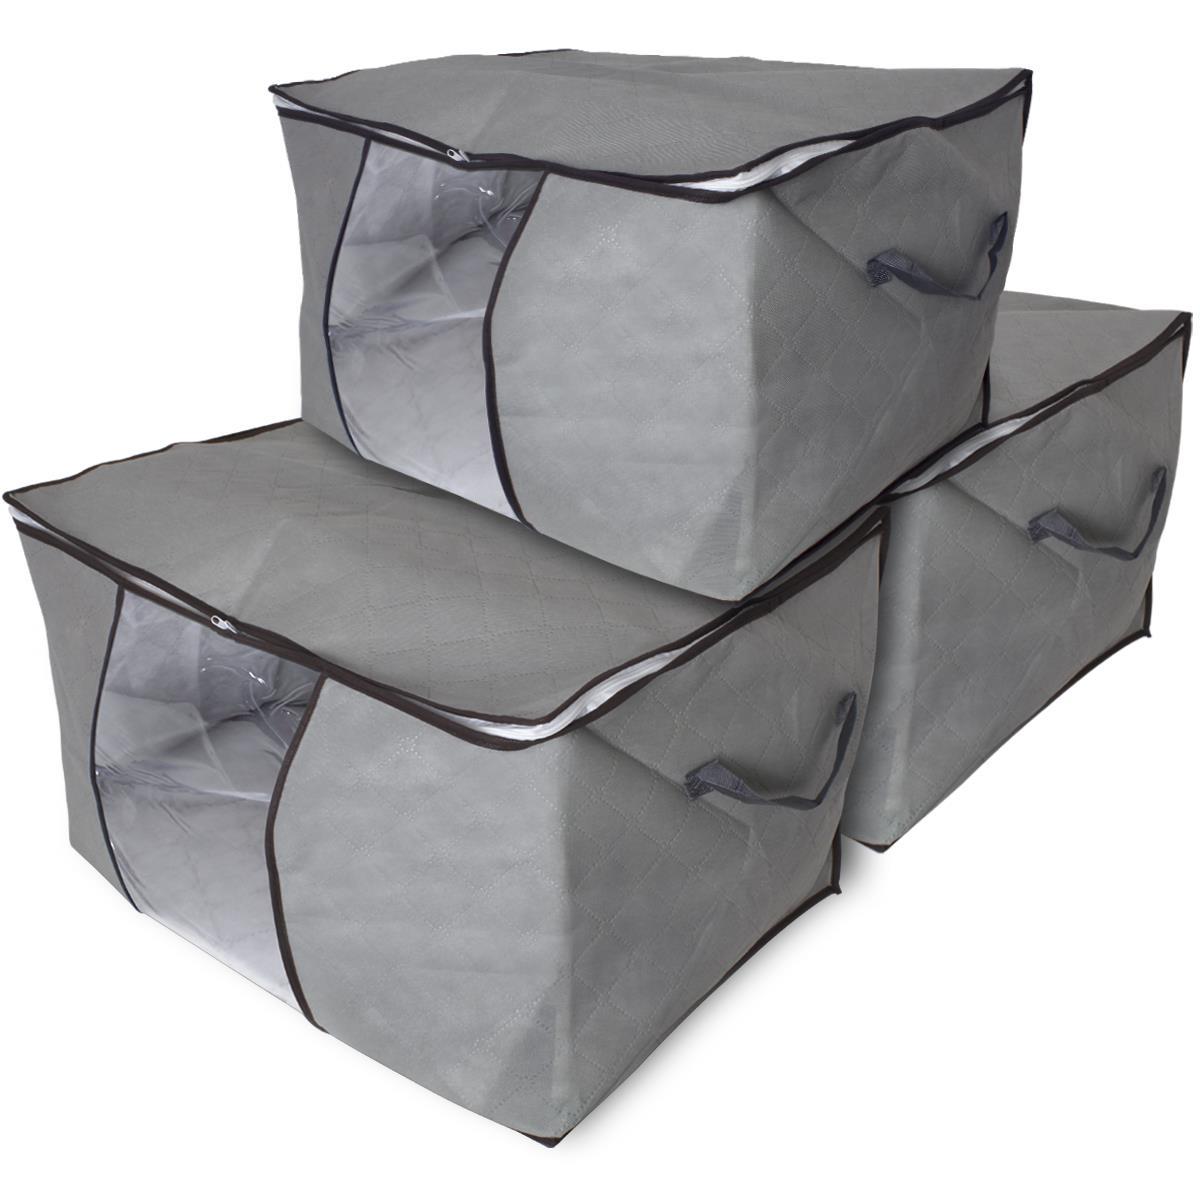 details sur sac rangement sous lit pliable tissu boite stockage caisses couette vetements